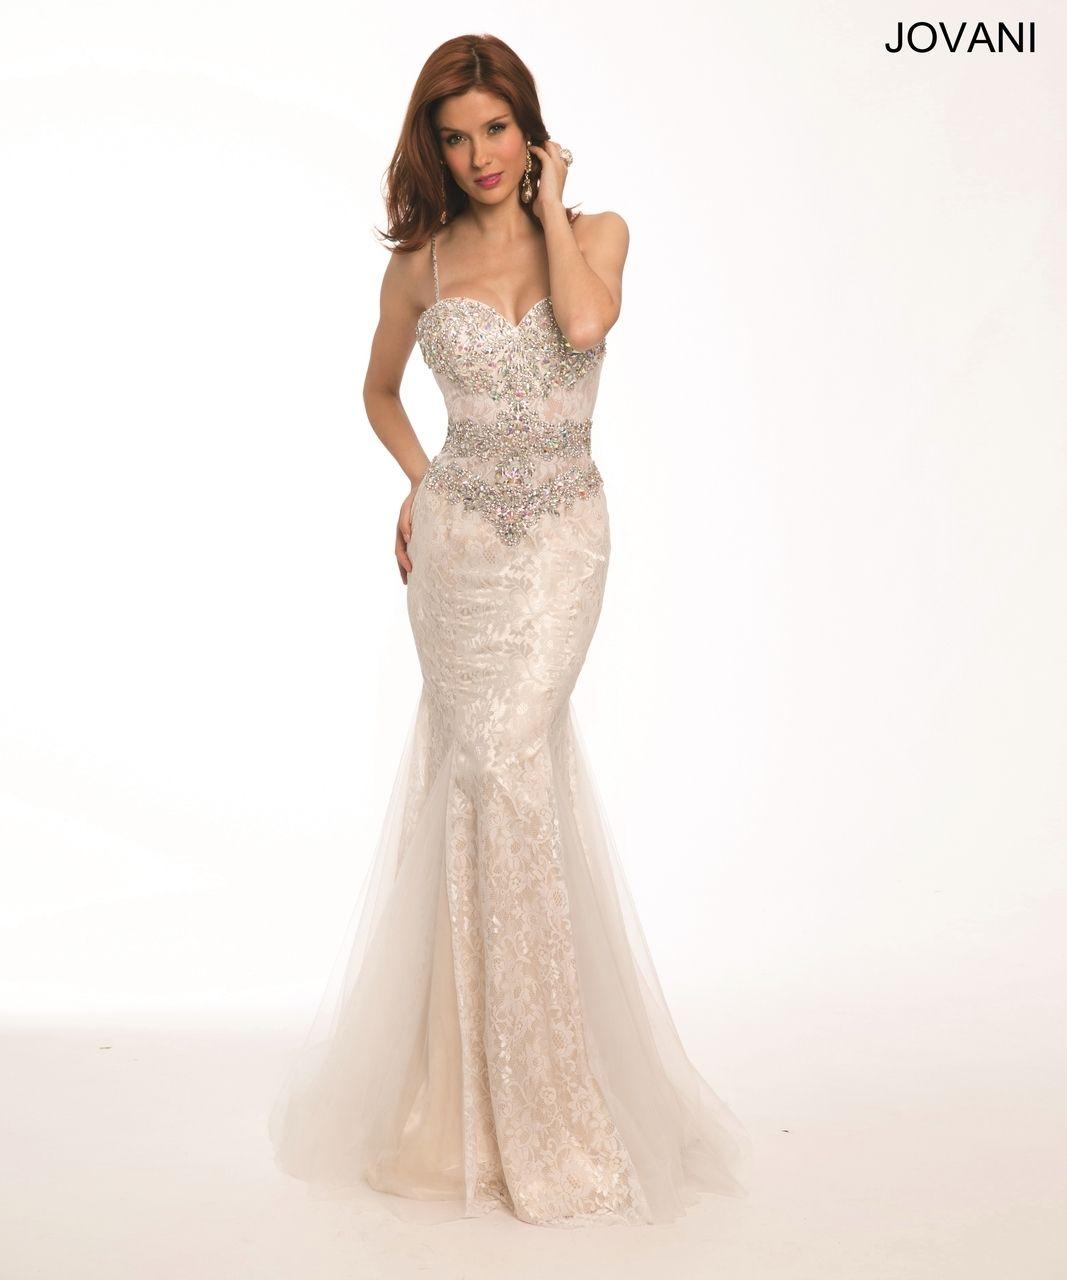 e02b971e5075 Jovani 94186 Black/Nude Off-white/Nude Evening Dress | Dresses ...